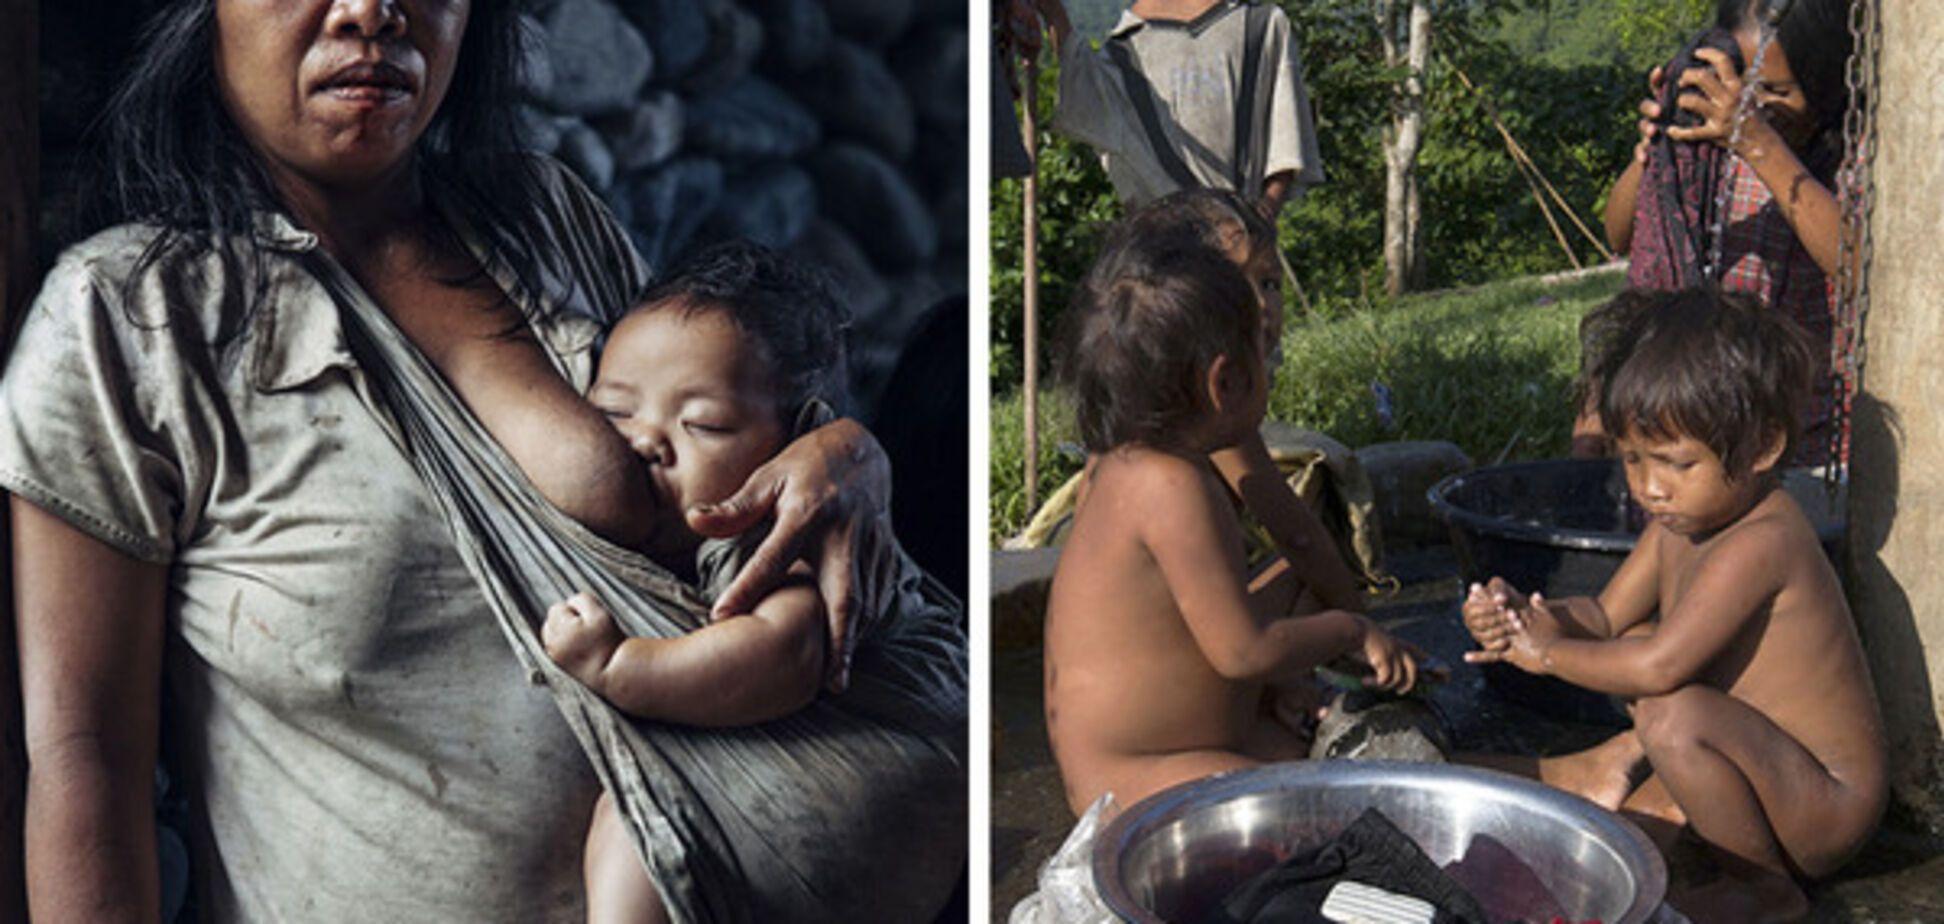 племя мангиан филиппины